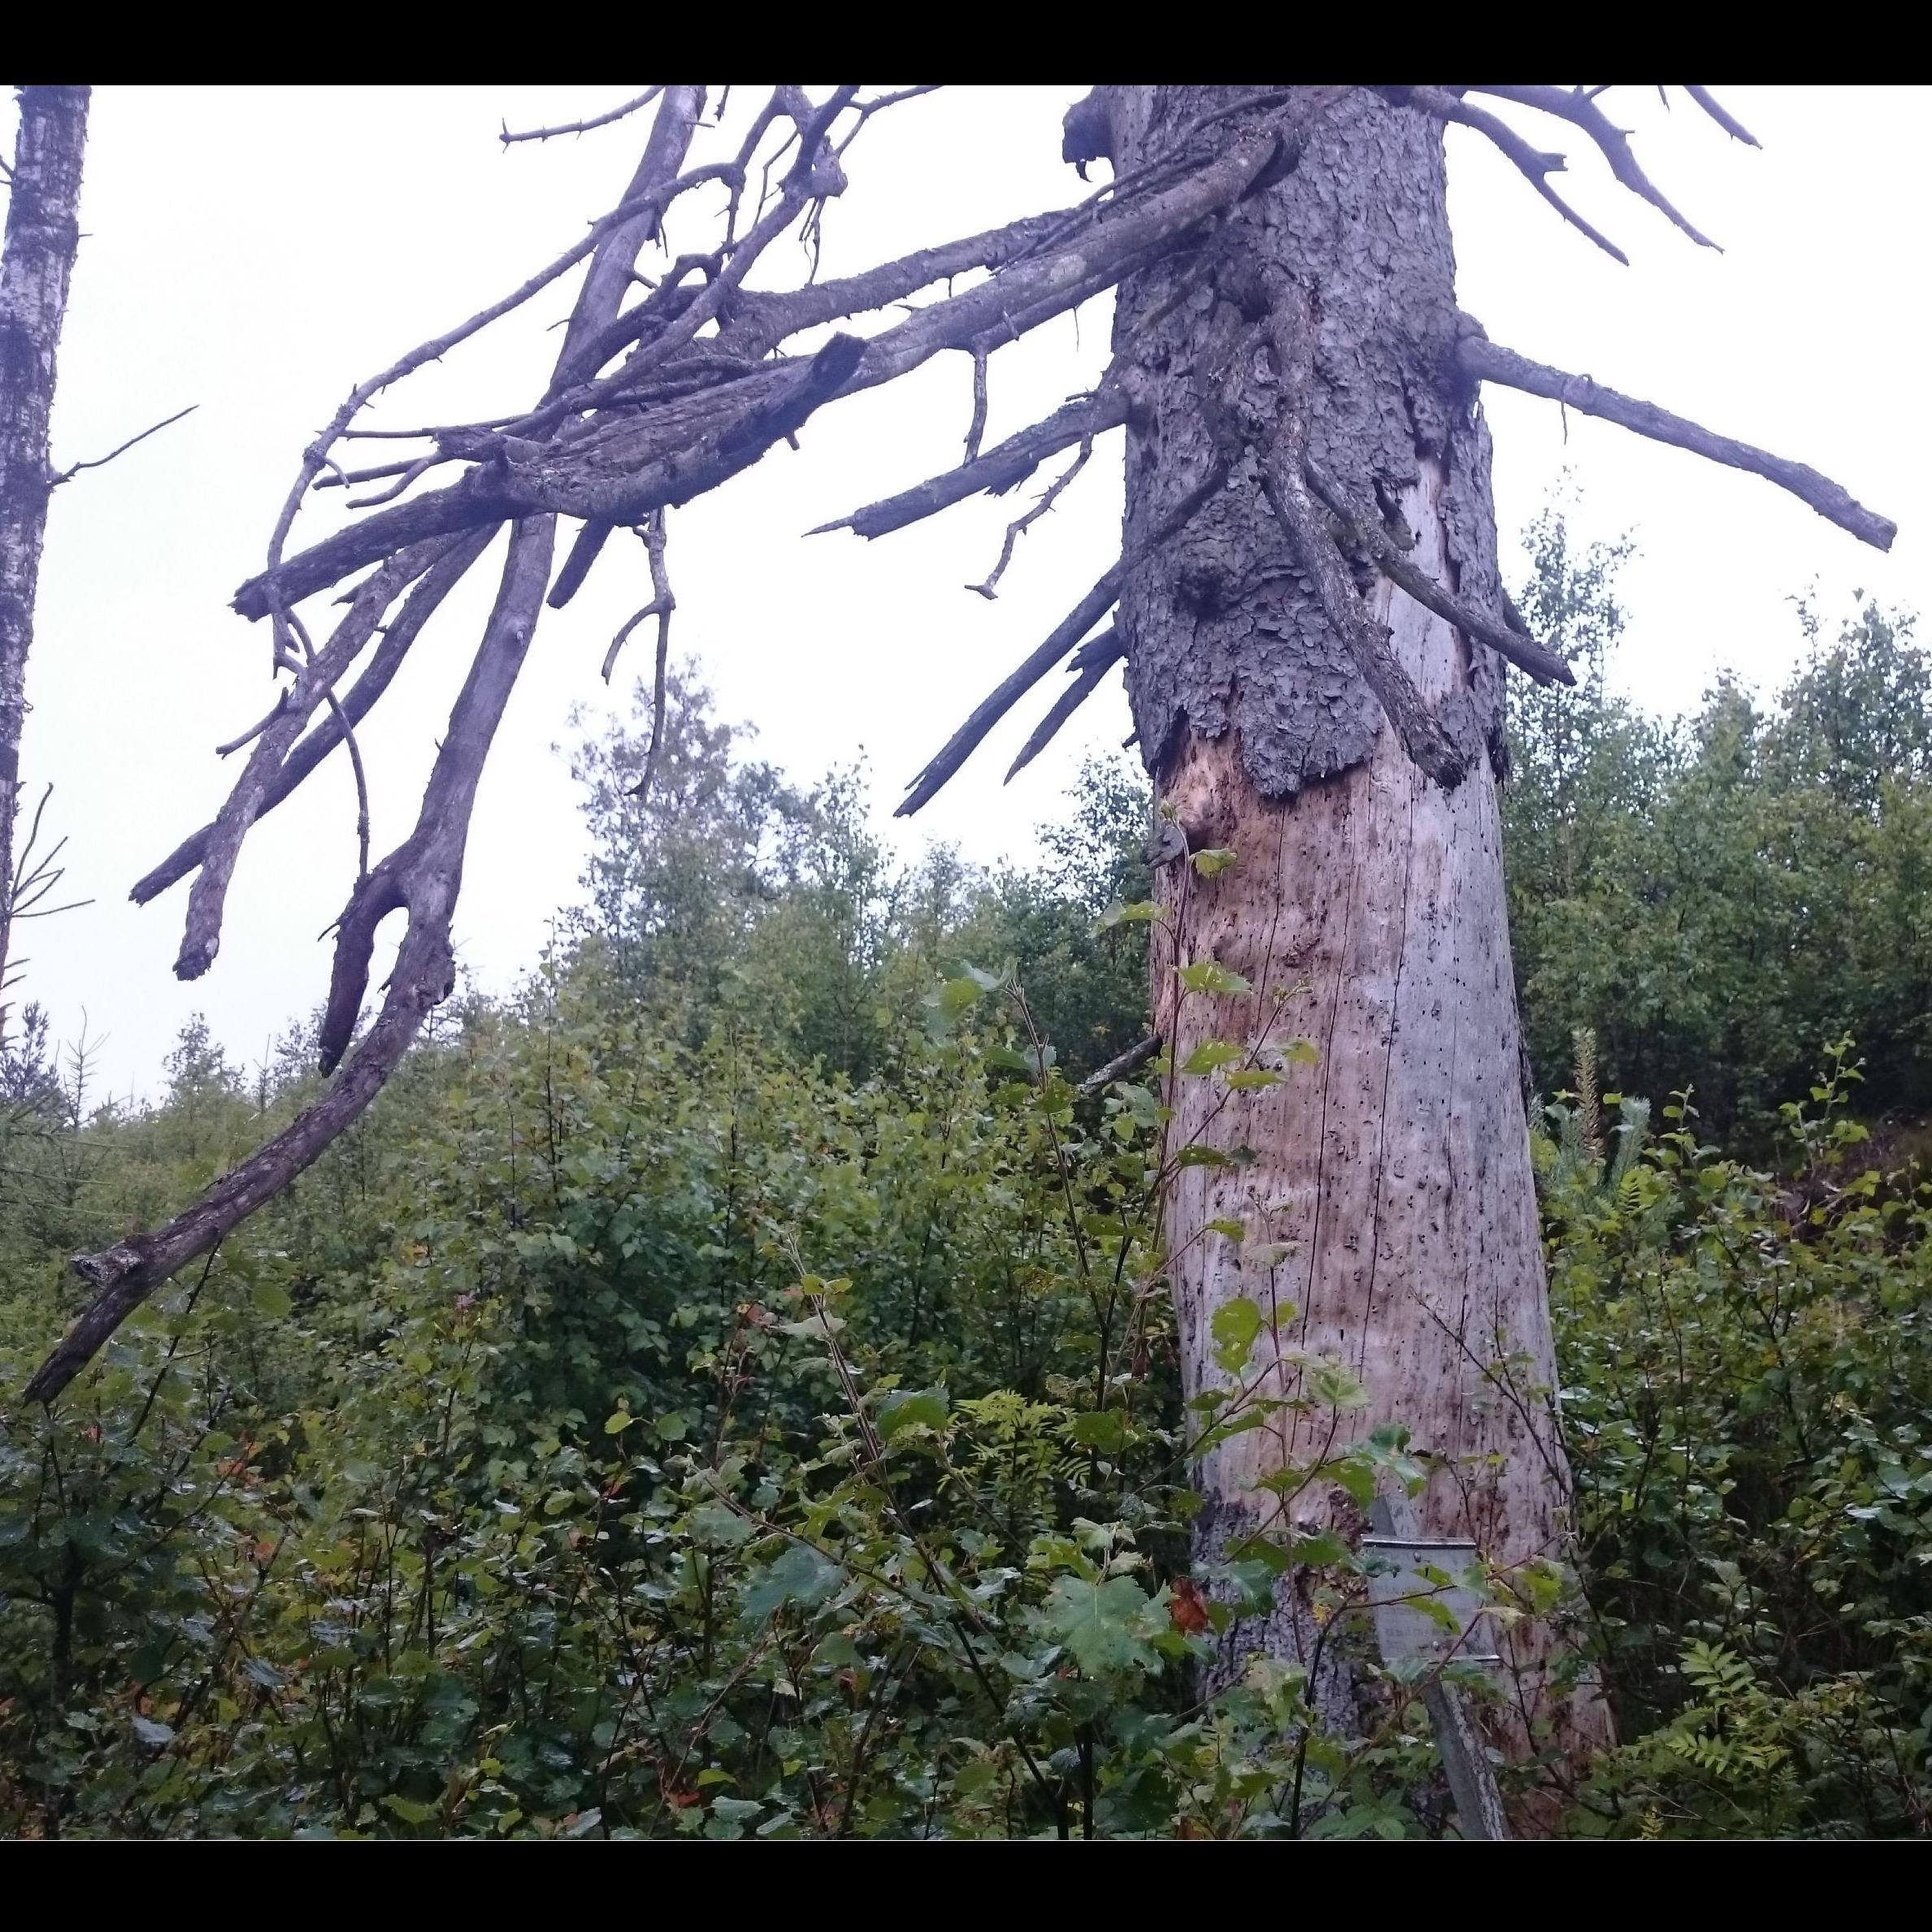 Tullberg's fir